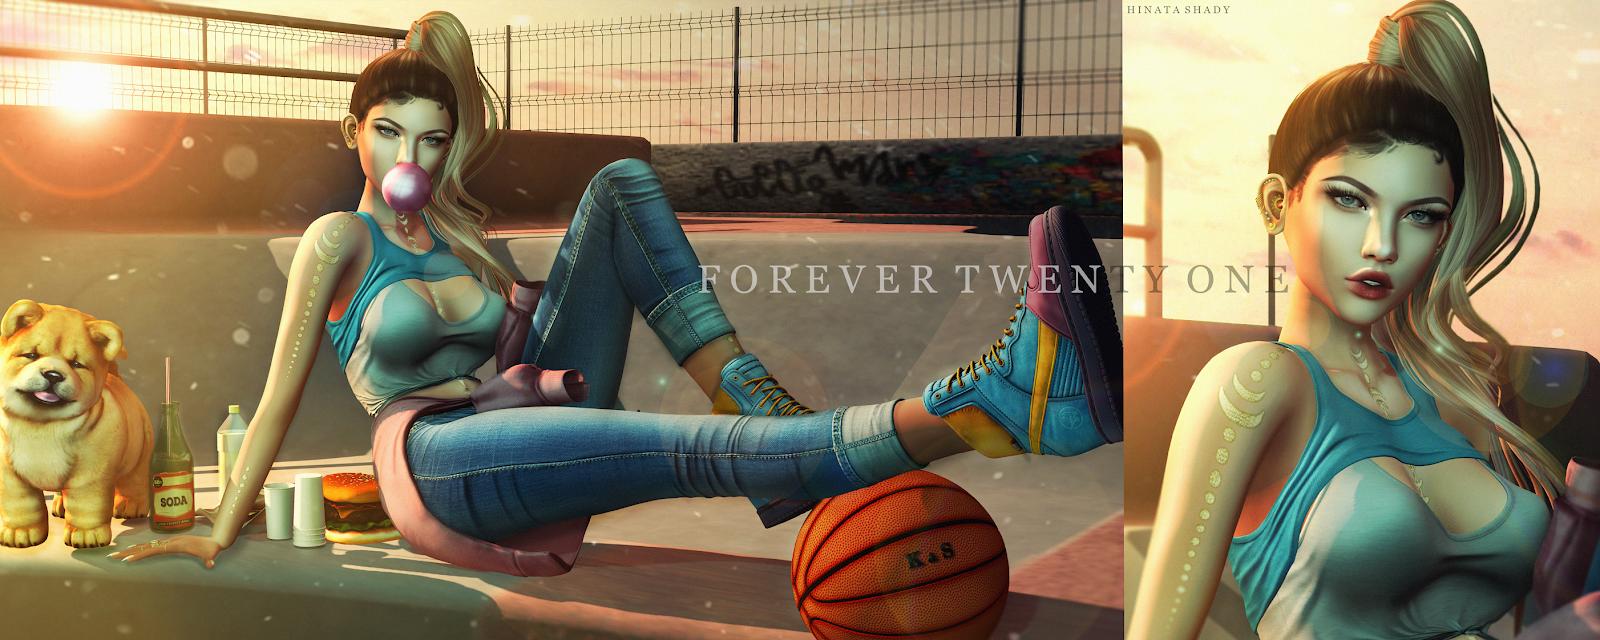 LOTD 540 Basketball Girl...